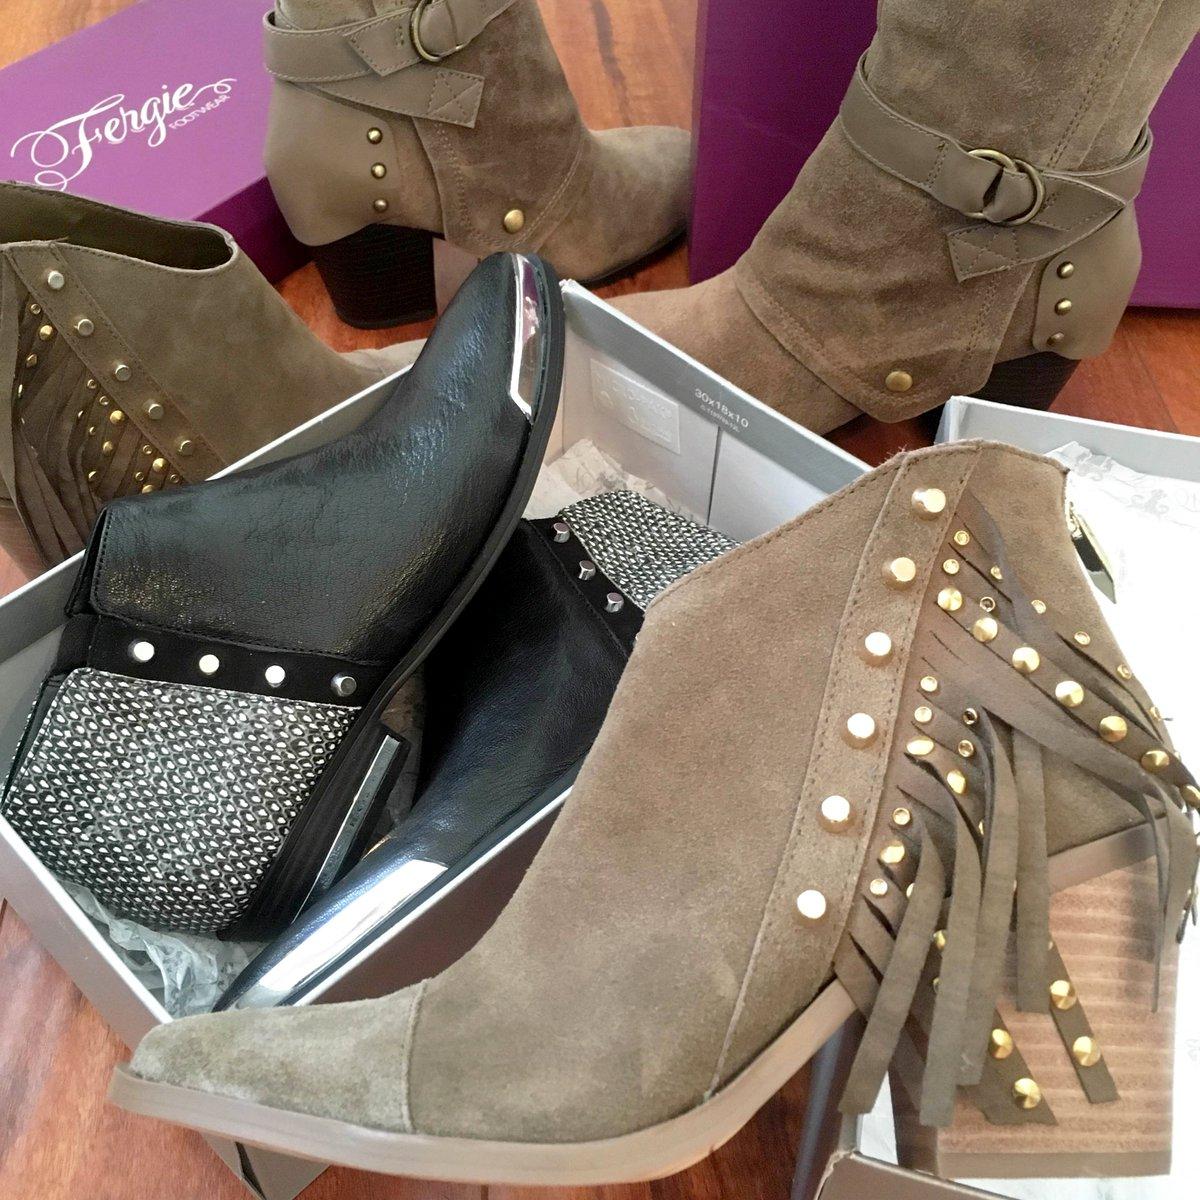 RT @FergieFootwear: #RepeatAfterMe: #ideservenewshoes! Take $10 OFF @Fergie orders $50+ w/ #promocode FERGIE10!???? https://t.co/SKXmVHcjxn ht…